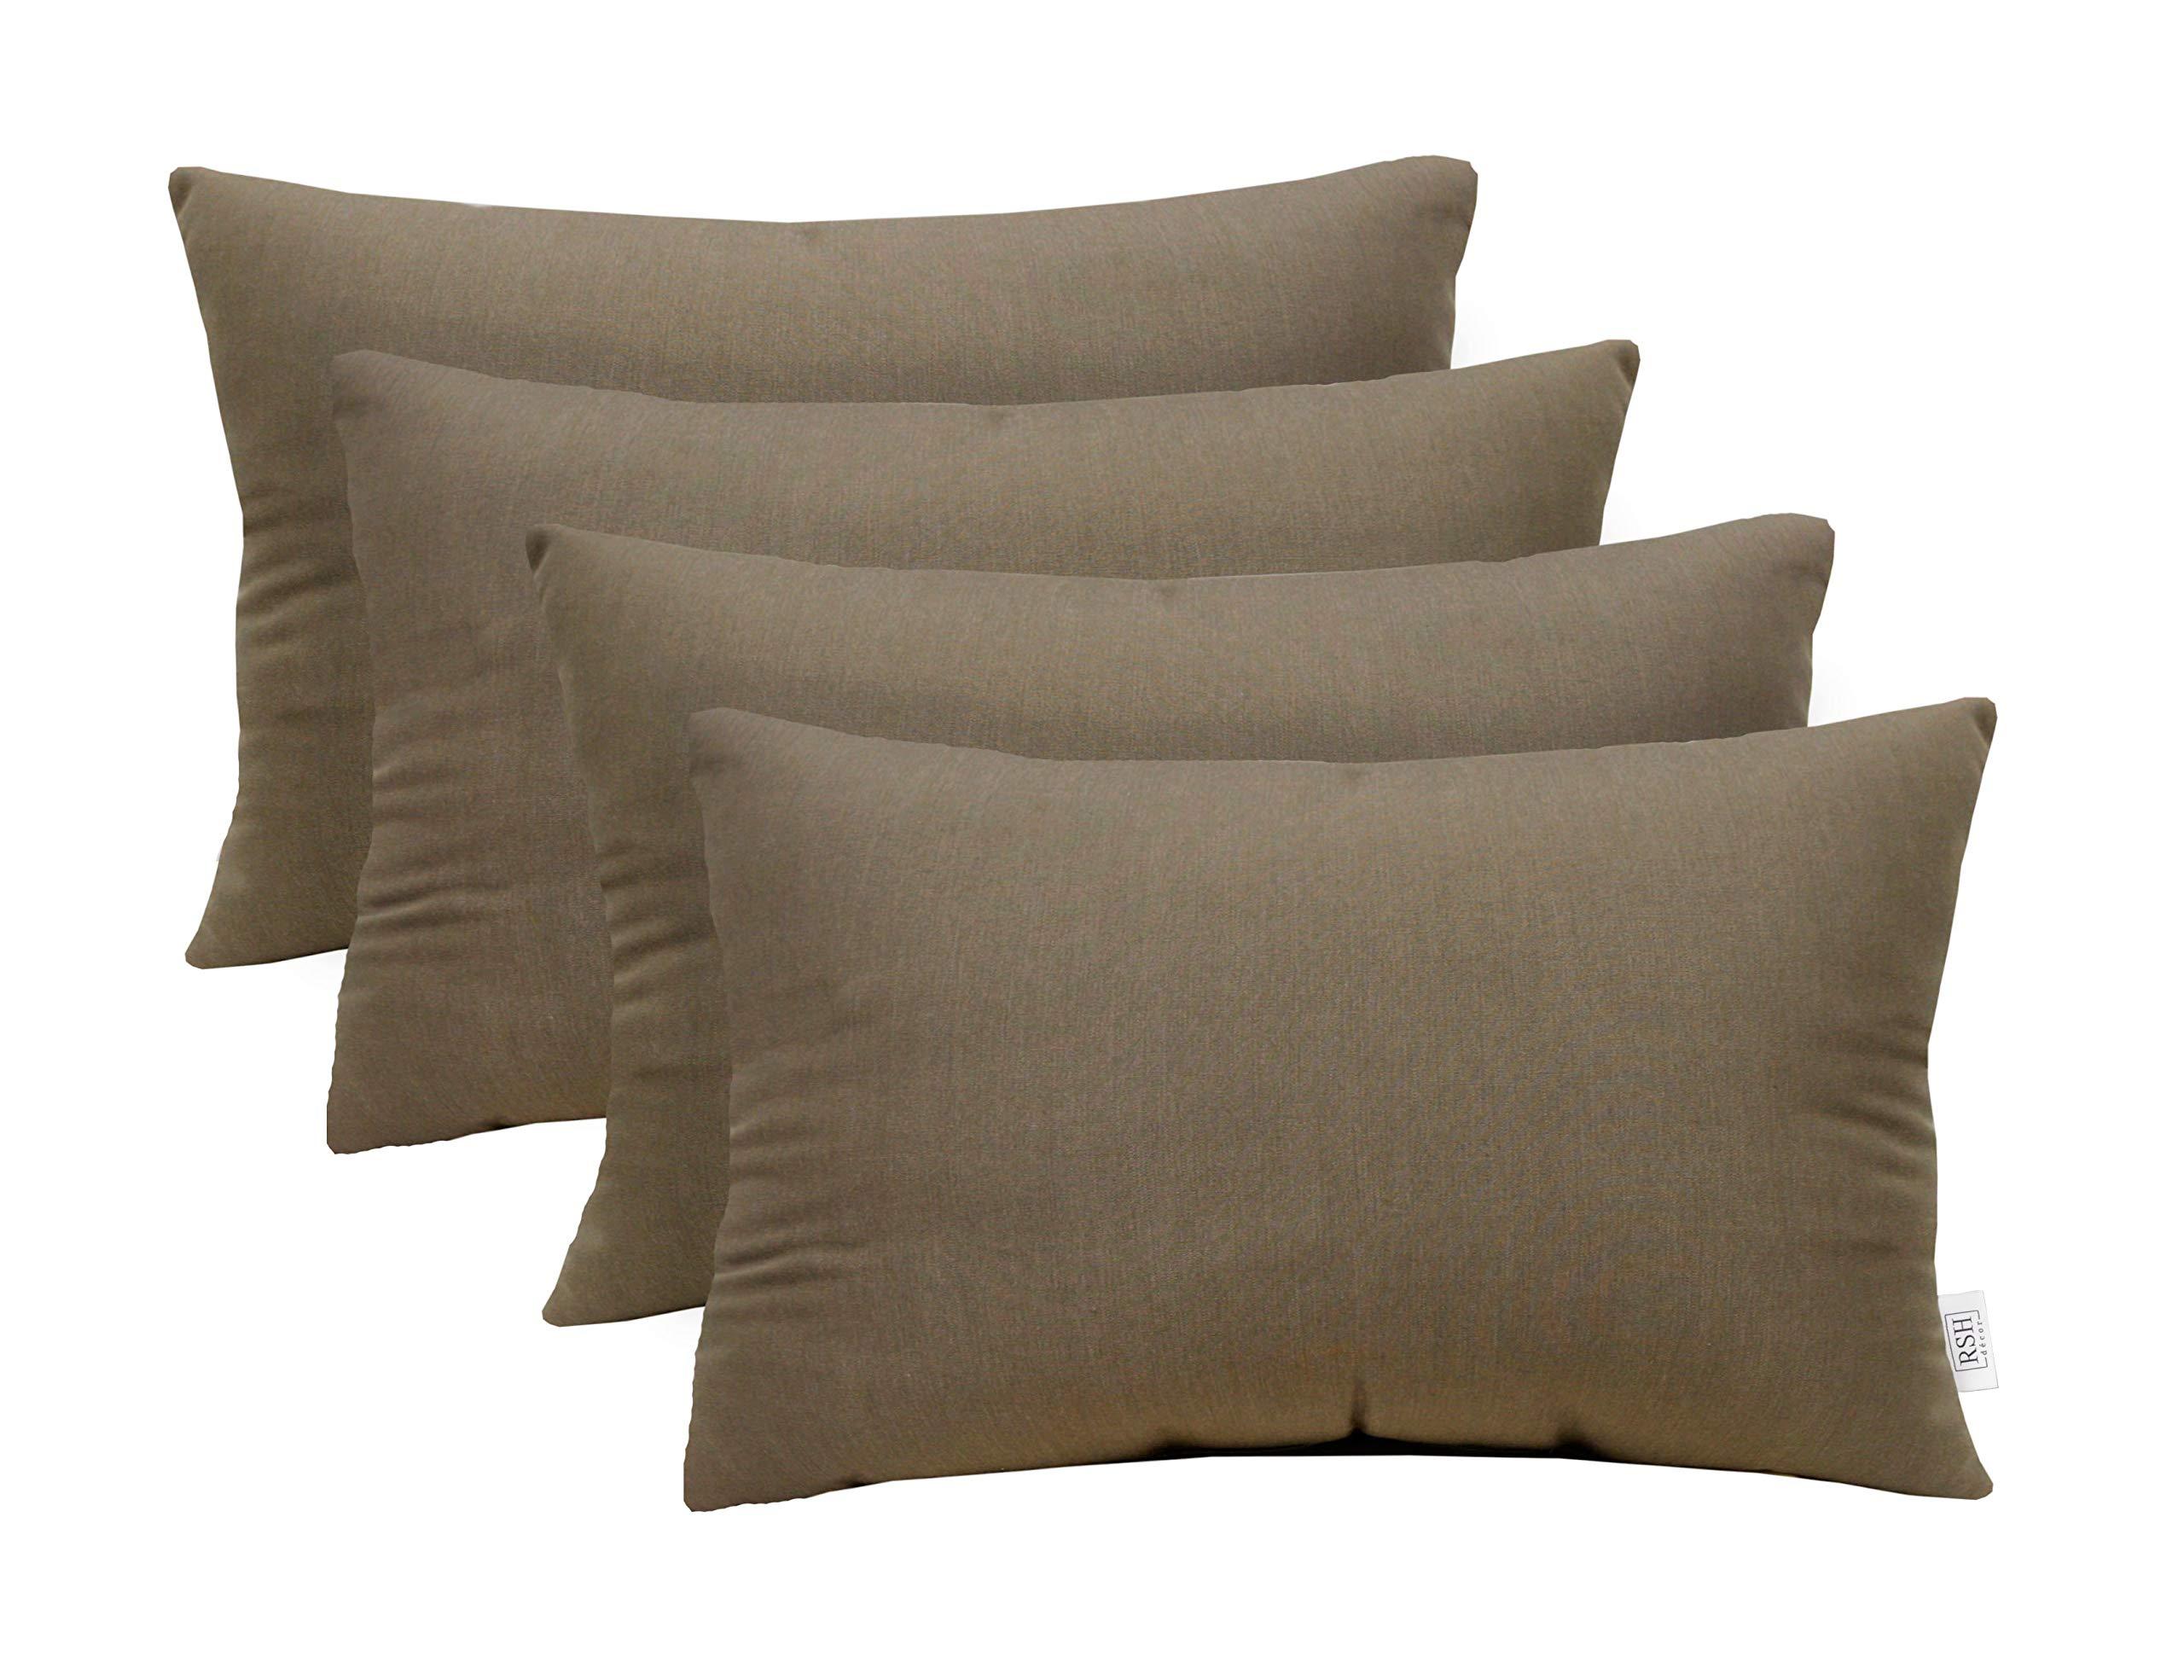 RSH Décor Set of 4 Indoor Outdoor Decorative Rectangle Lumbar Throw Pillows Sunbrella Canvas Taupe (20'' x 12'')